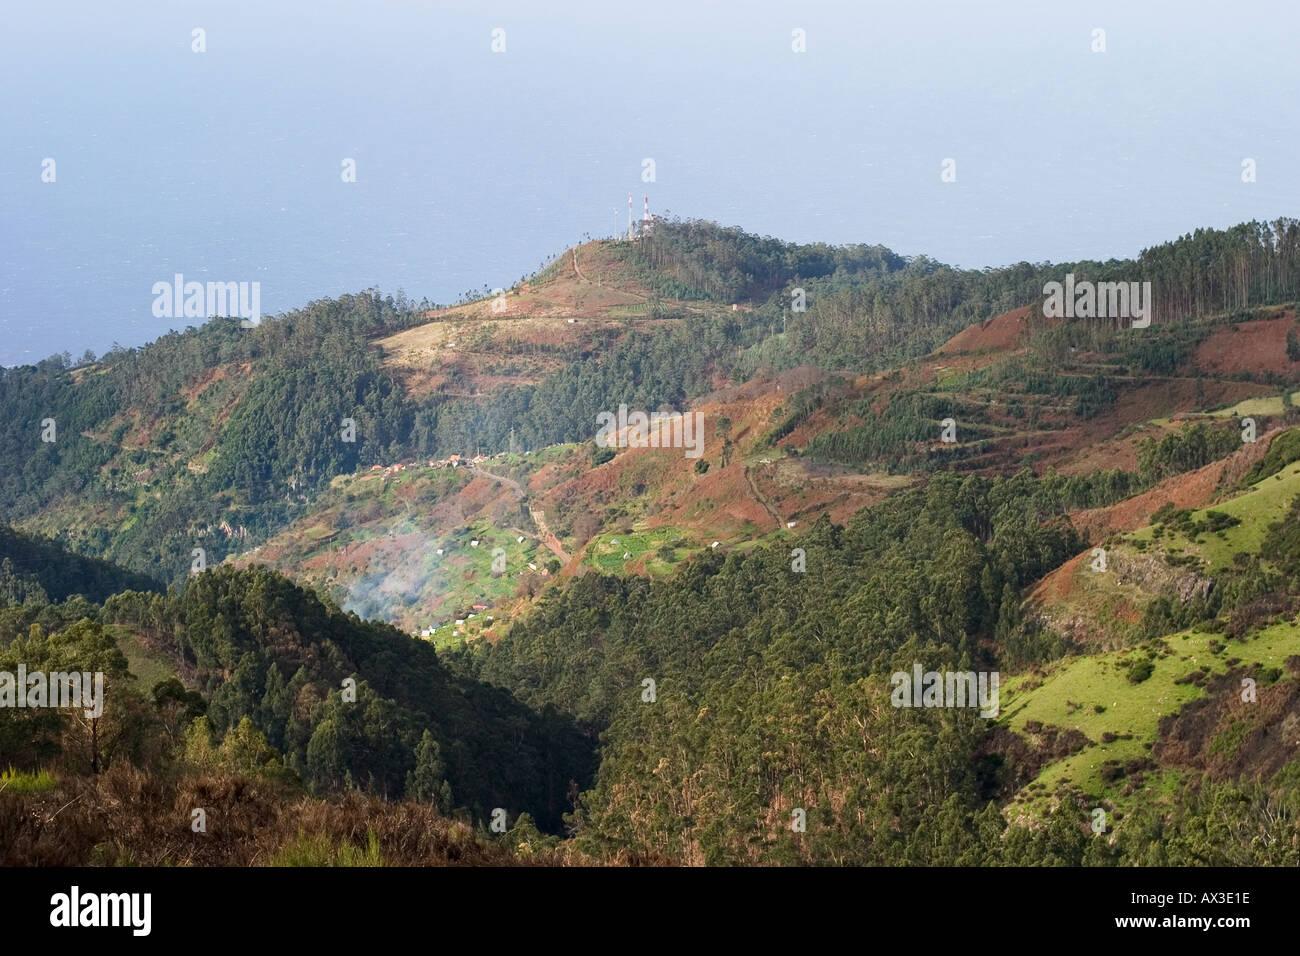 Paul da Serra, la deforestación del bosque de eucaliptos Madeira Imagen De Stock